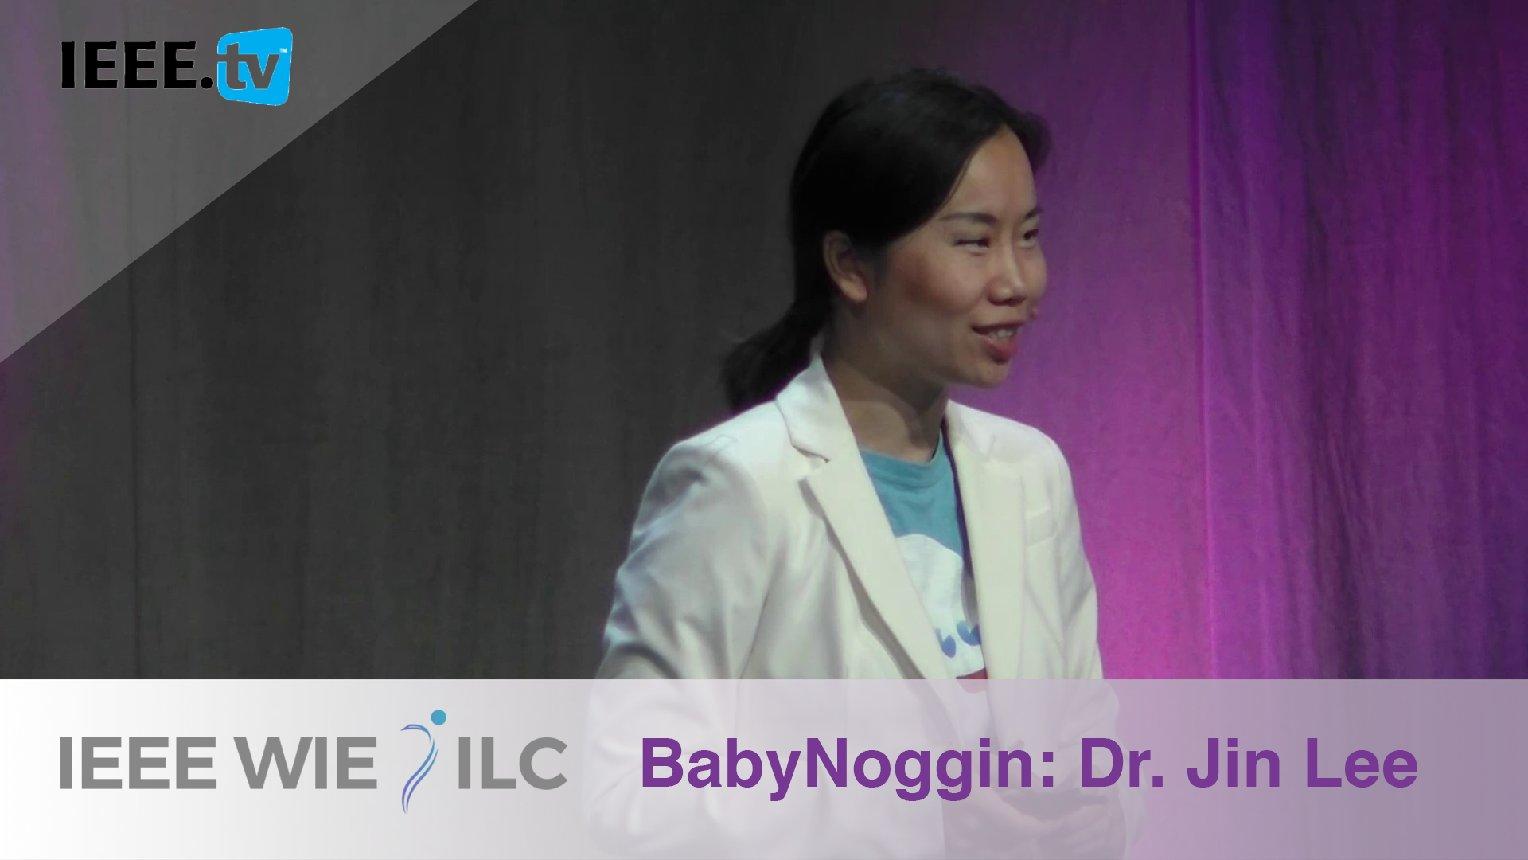 Pitch Competition Winner: BabyNoggin - IEEE WIE ILC 2017